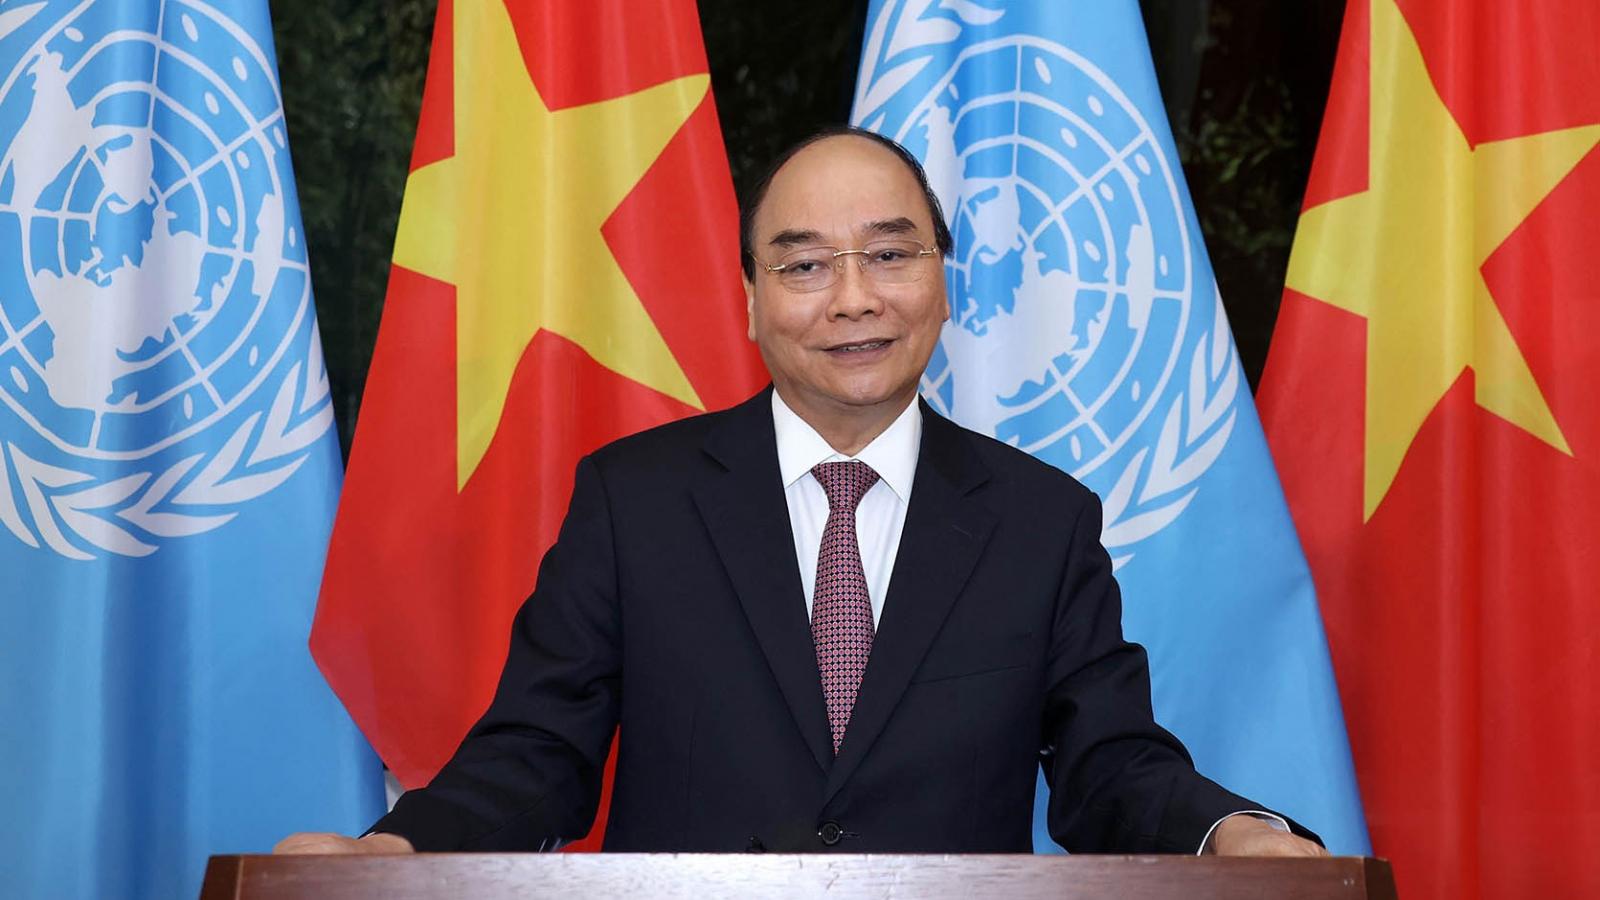 Thủ tướng gửi thông điệp tham gia phiên họp cấp cao kỷ niệm 75 năm thành lập LHQ